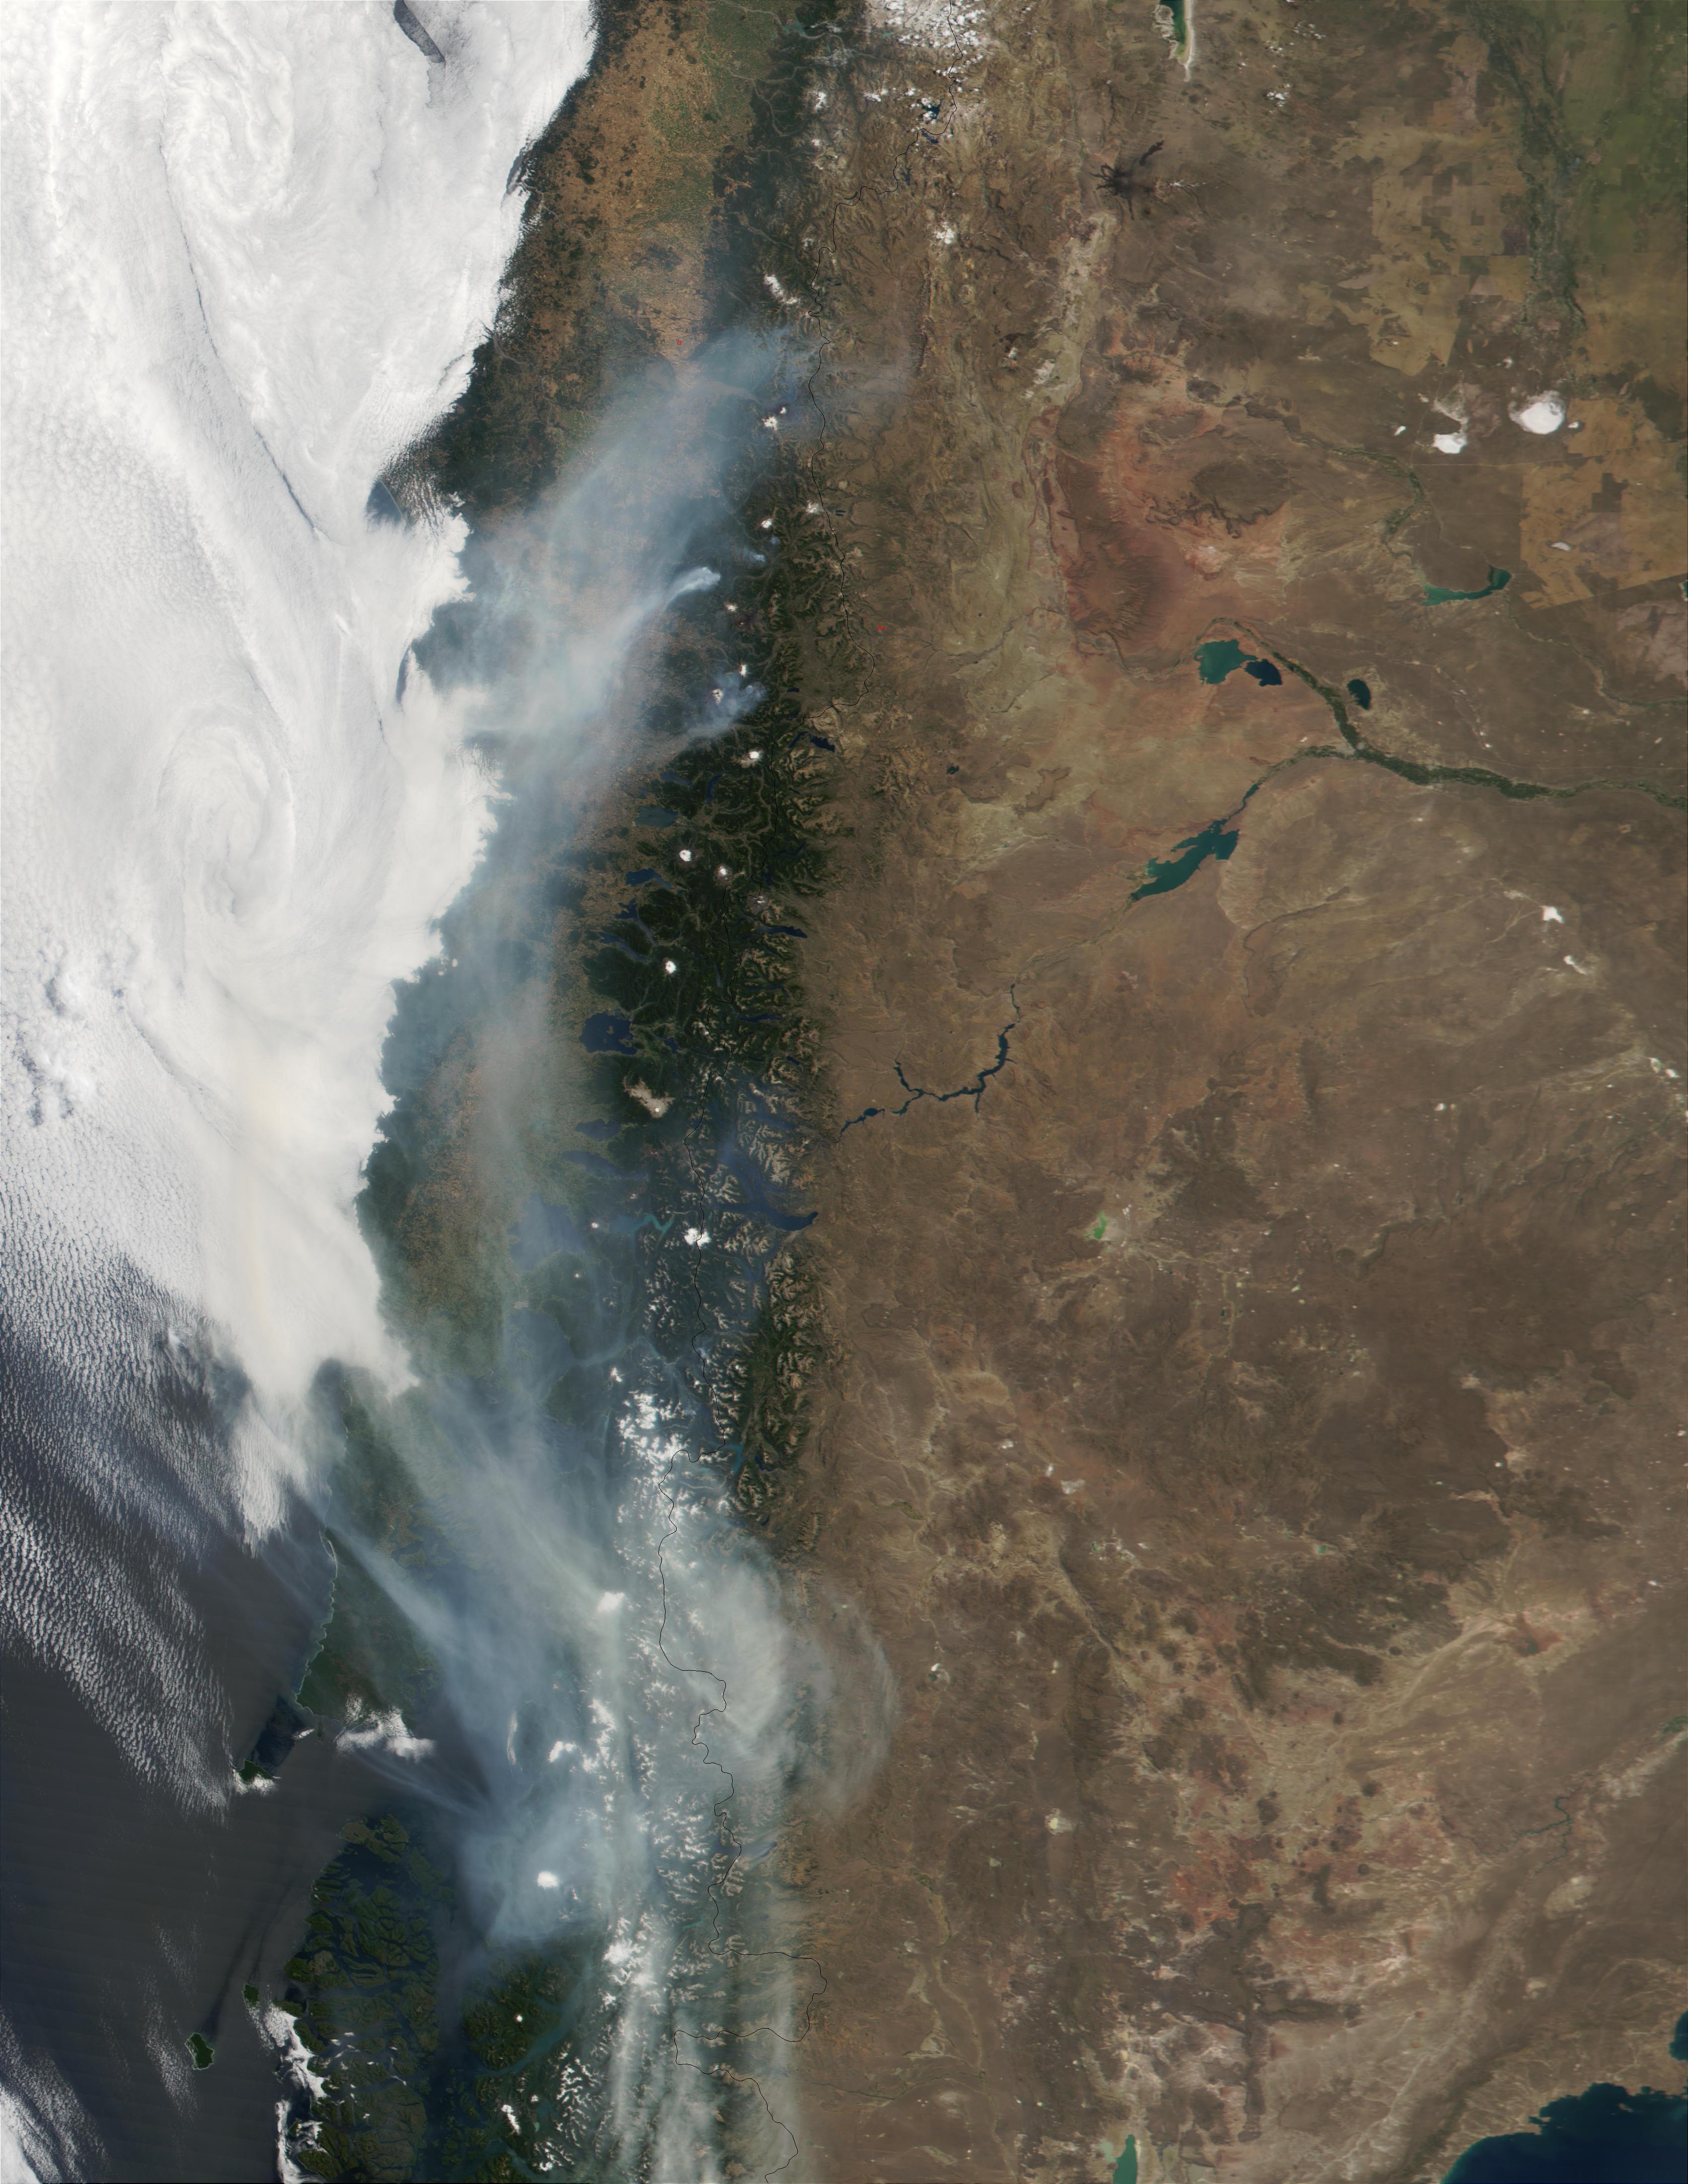 Humo encima de Chile (proveniente de incendio forestal cerca Los Angeles y Temuco)